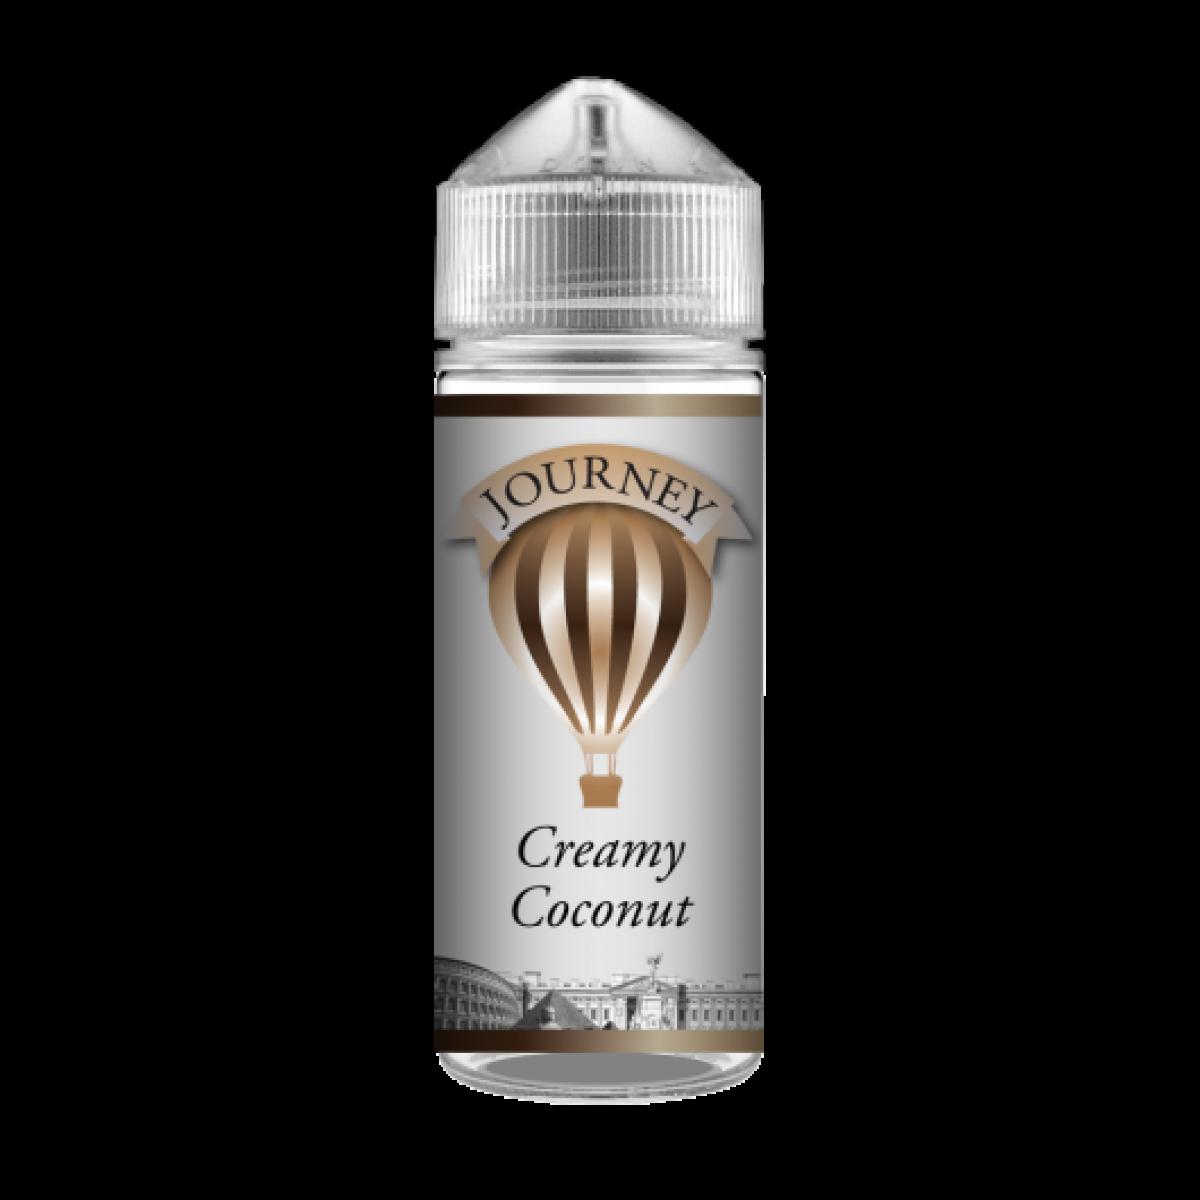 Journey CREAMY COCONUT Flavorshot 24ml120ml